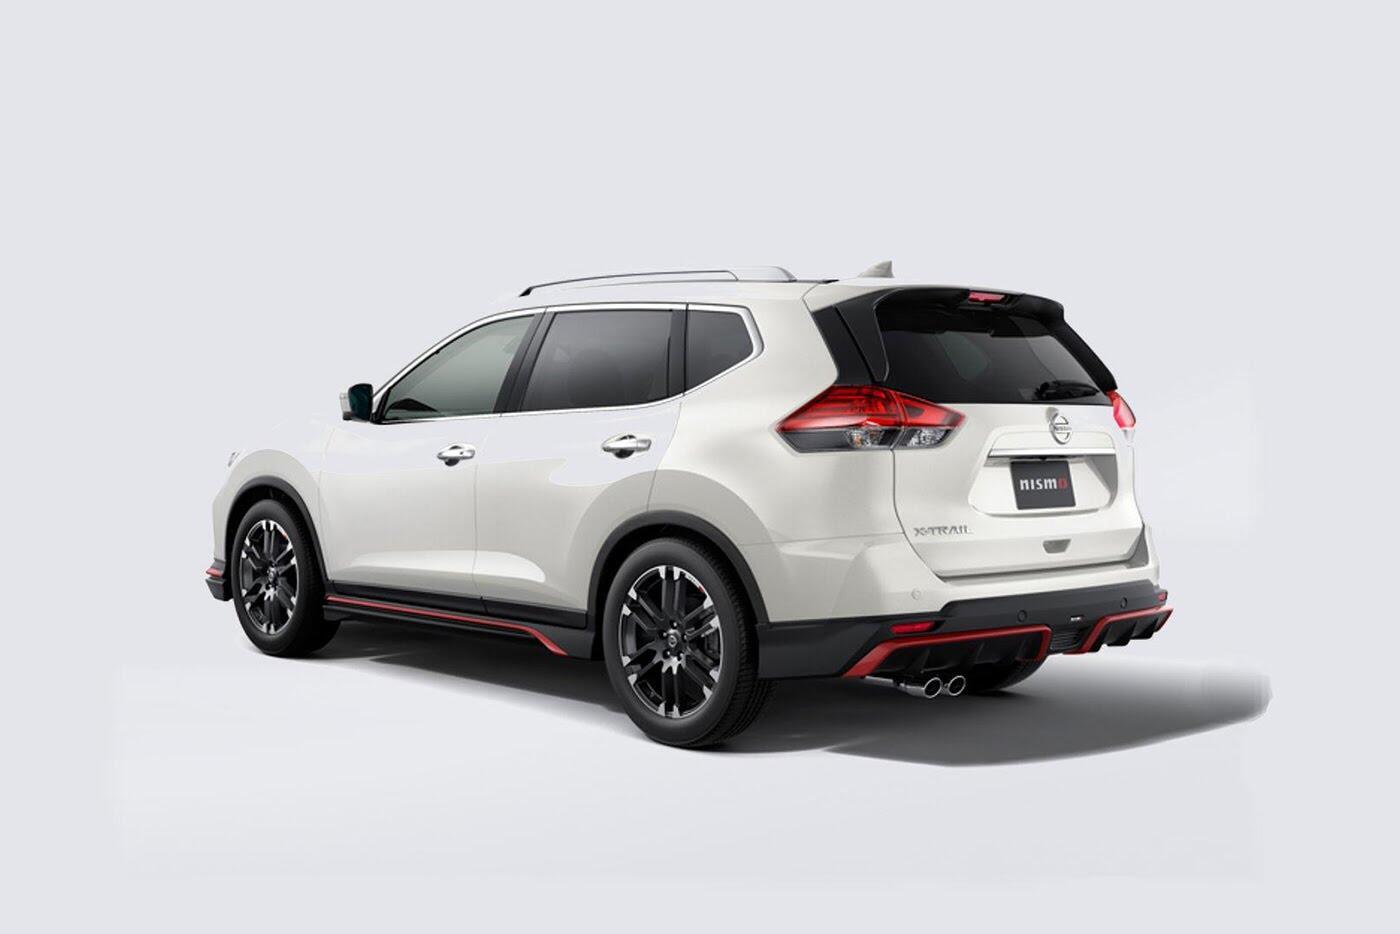 Nissan X-Trail 2017 có thêm phiên bản Nismo mới hầm hố và thể thao - Hình 2